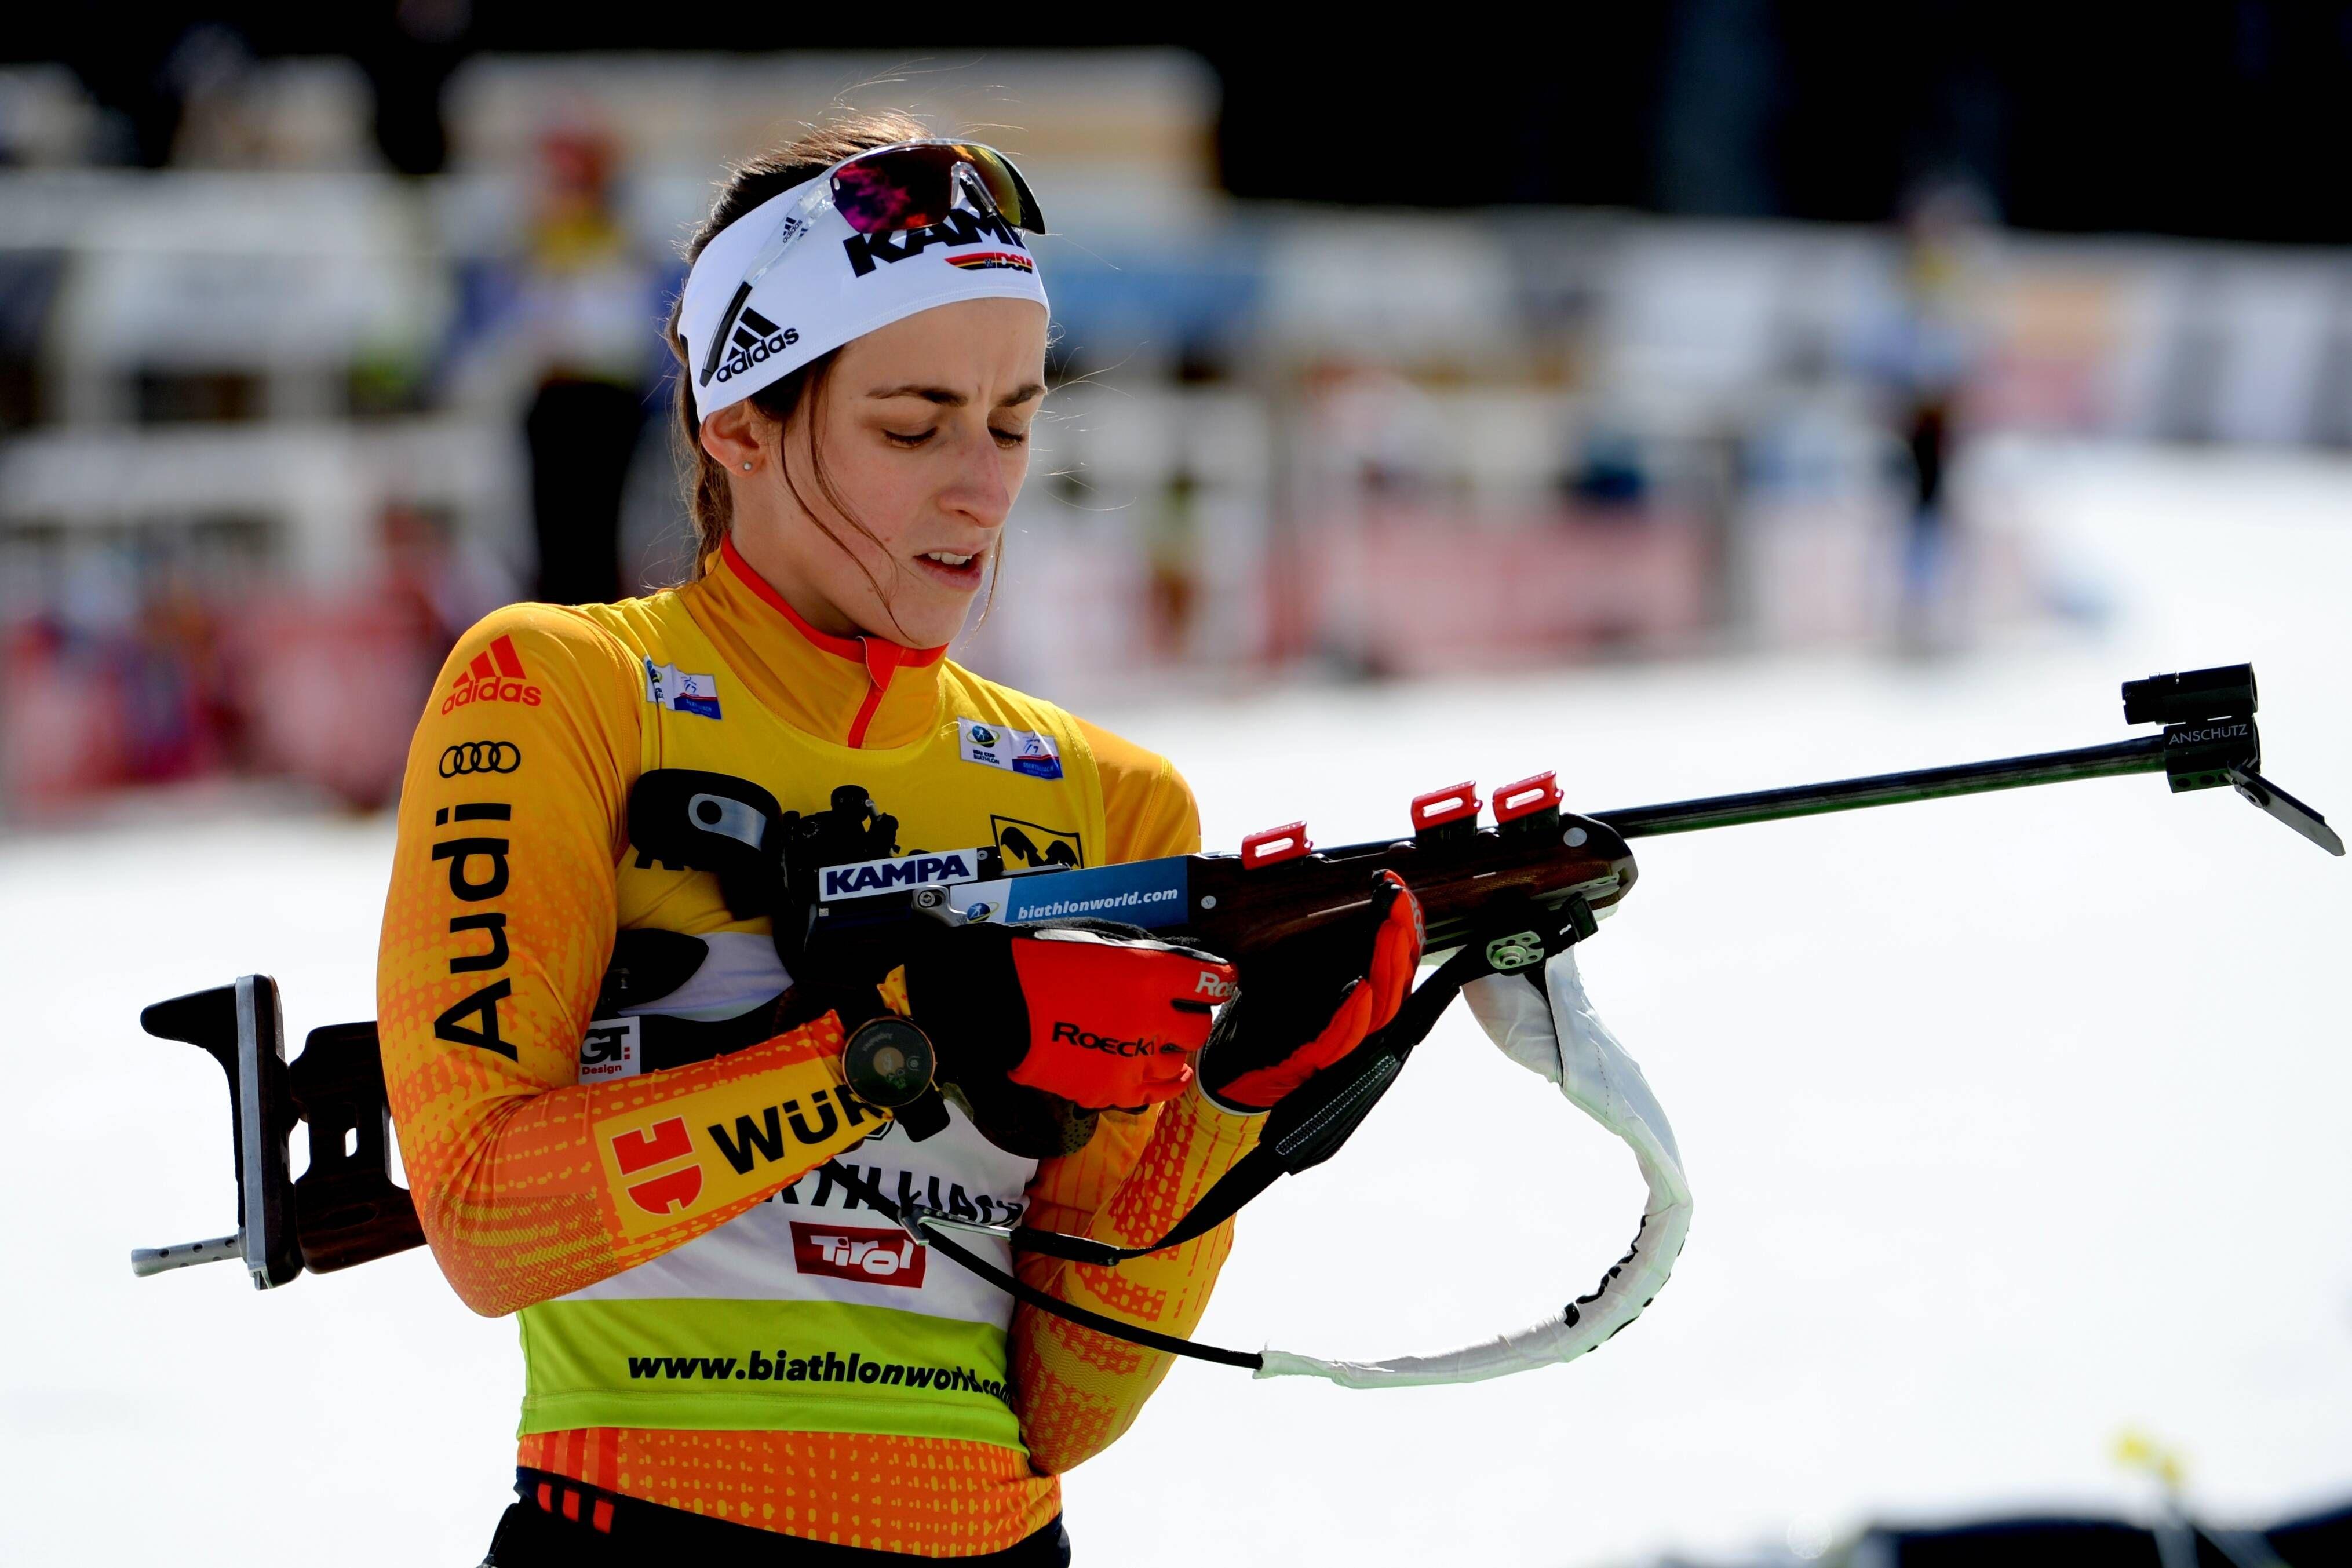 Биатлонистка Гореева выиграла спринт на Кубке IBU: все результаты россиянок